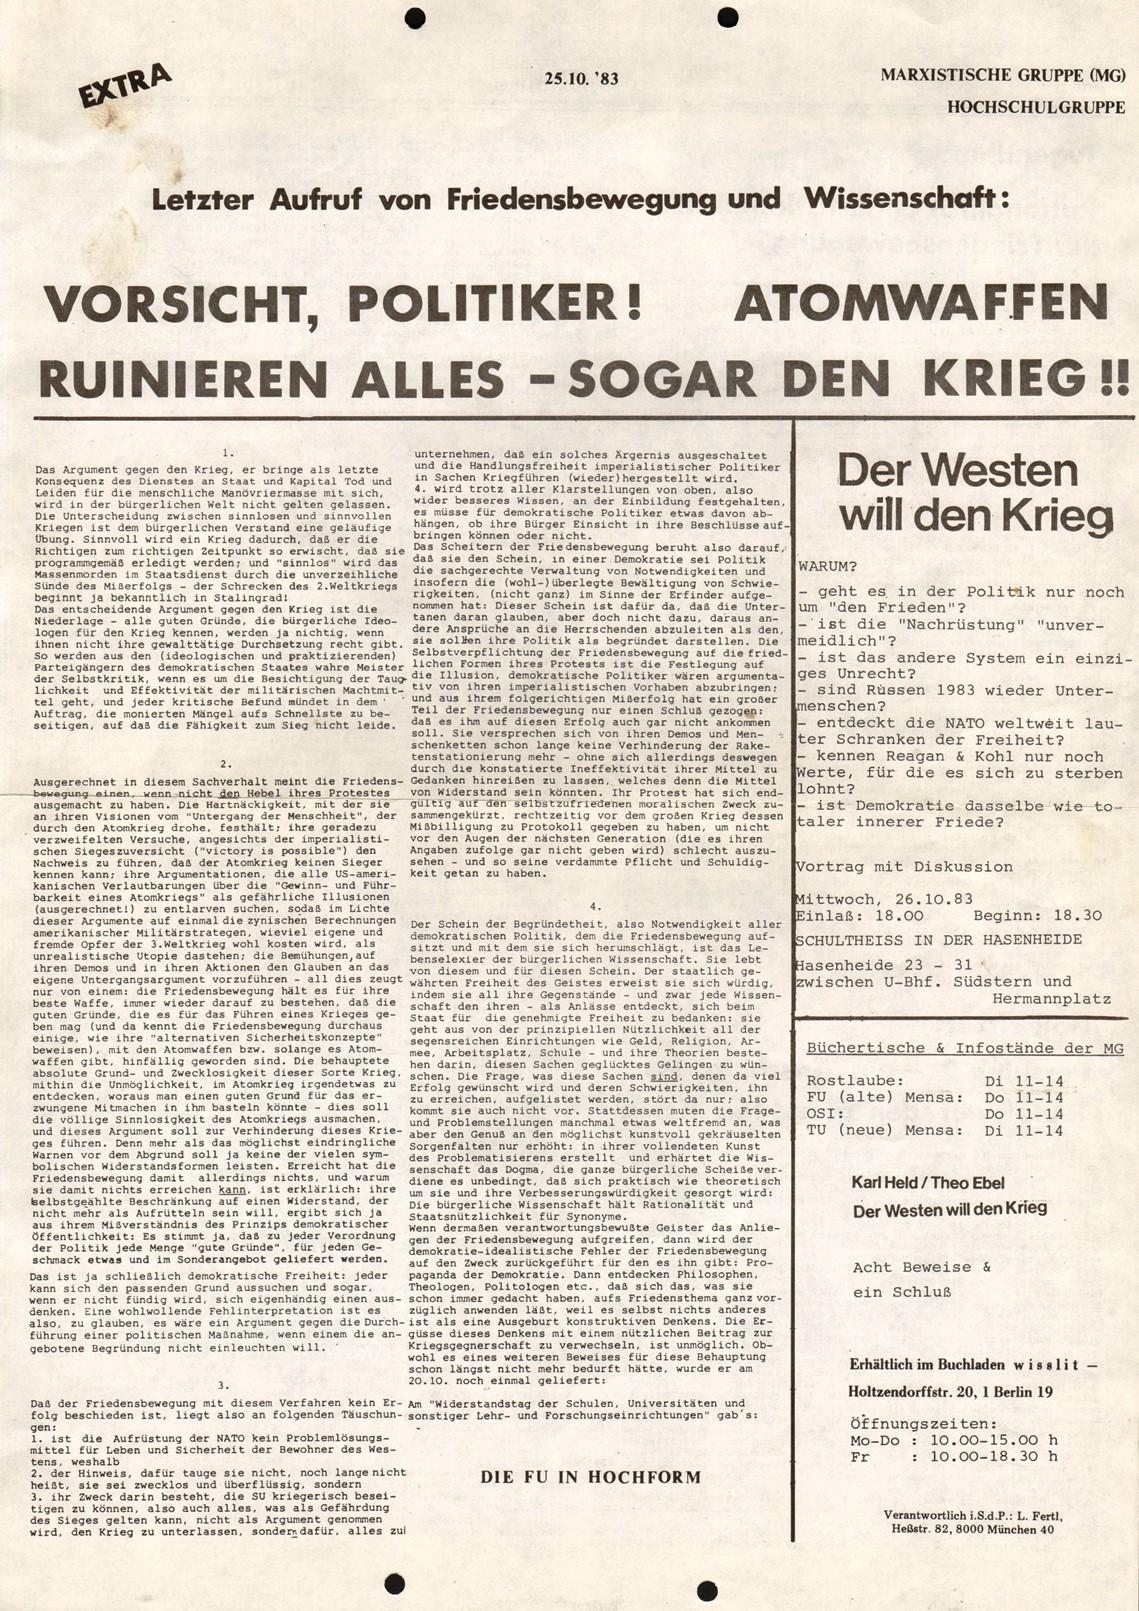 Berlin_MG_Hochschulgruppe_19831025_01